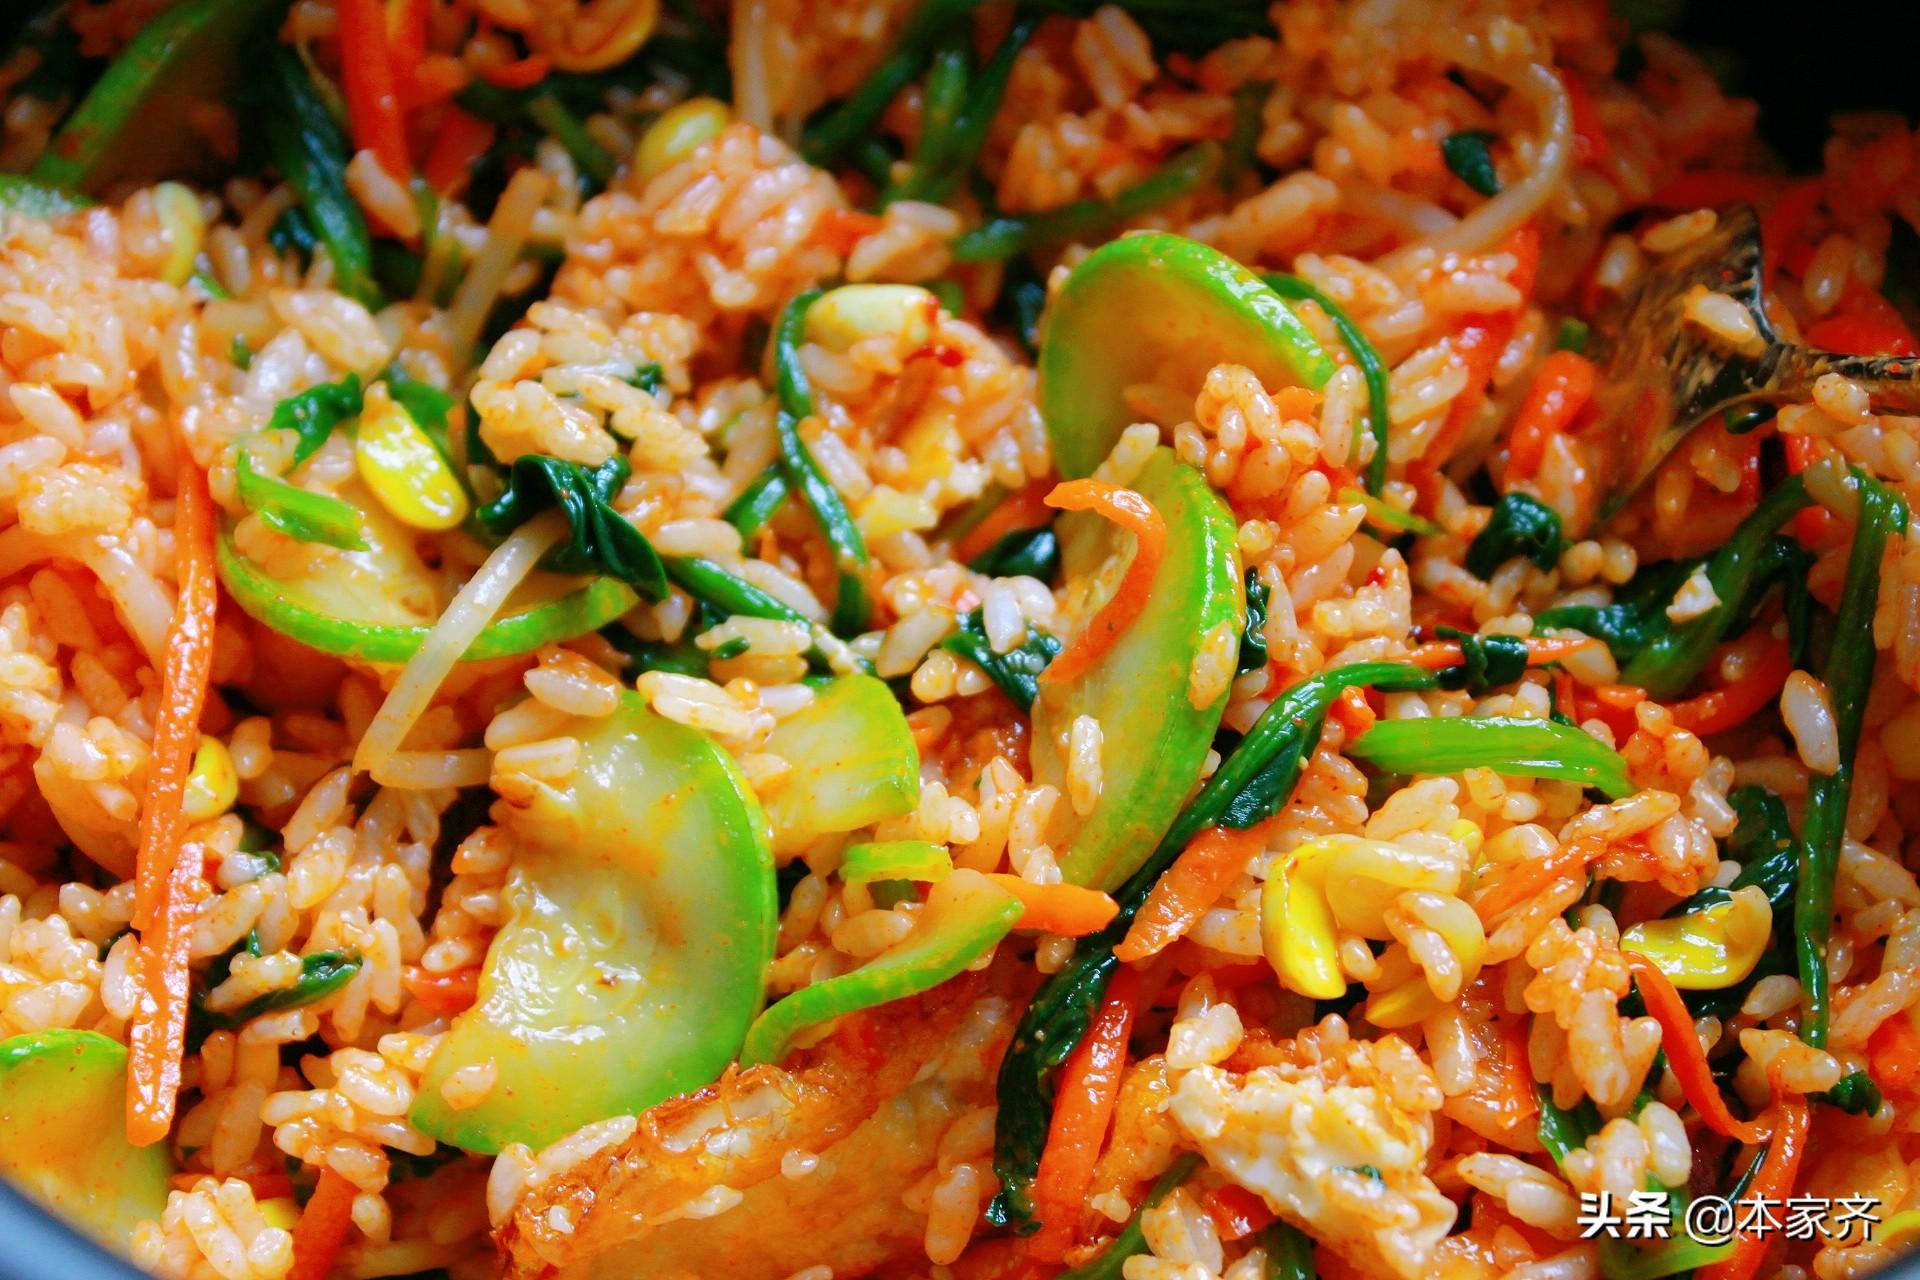 天熱不想炒菜,試試這道菜,比燜飯簡單又好吃,營養豐富,吃得香